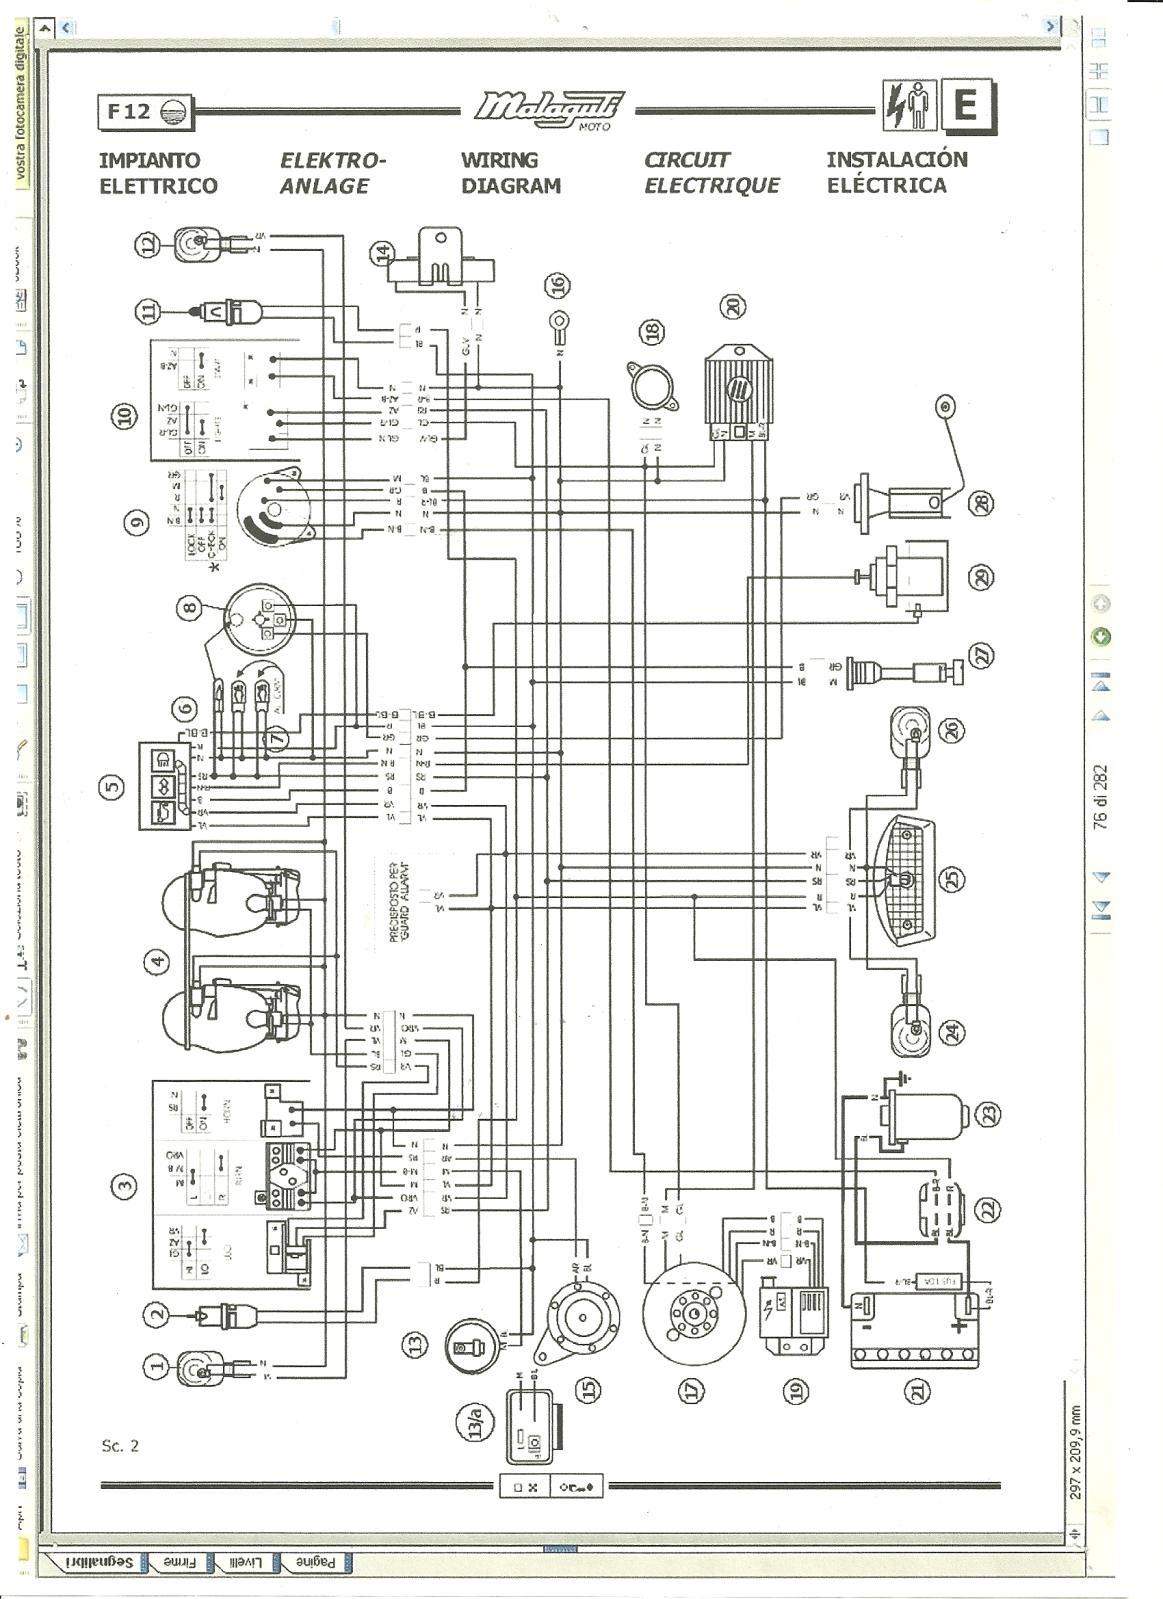 schema elettrico phantom liquido - scooter